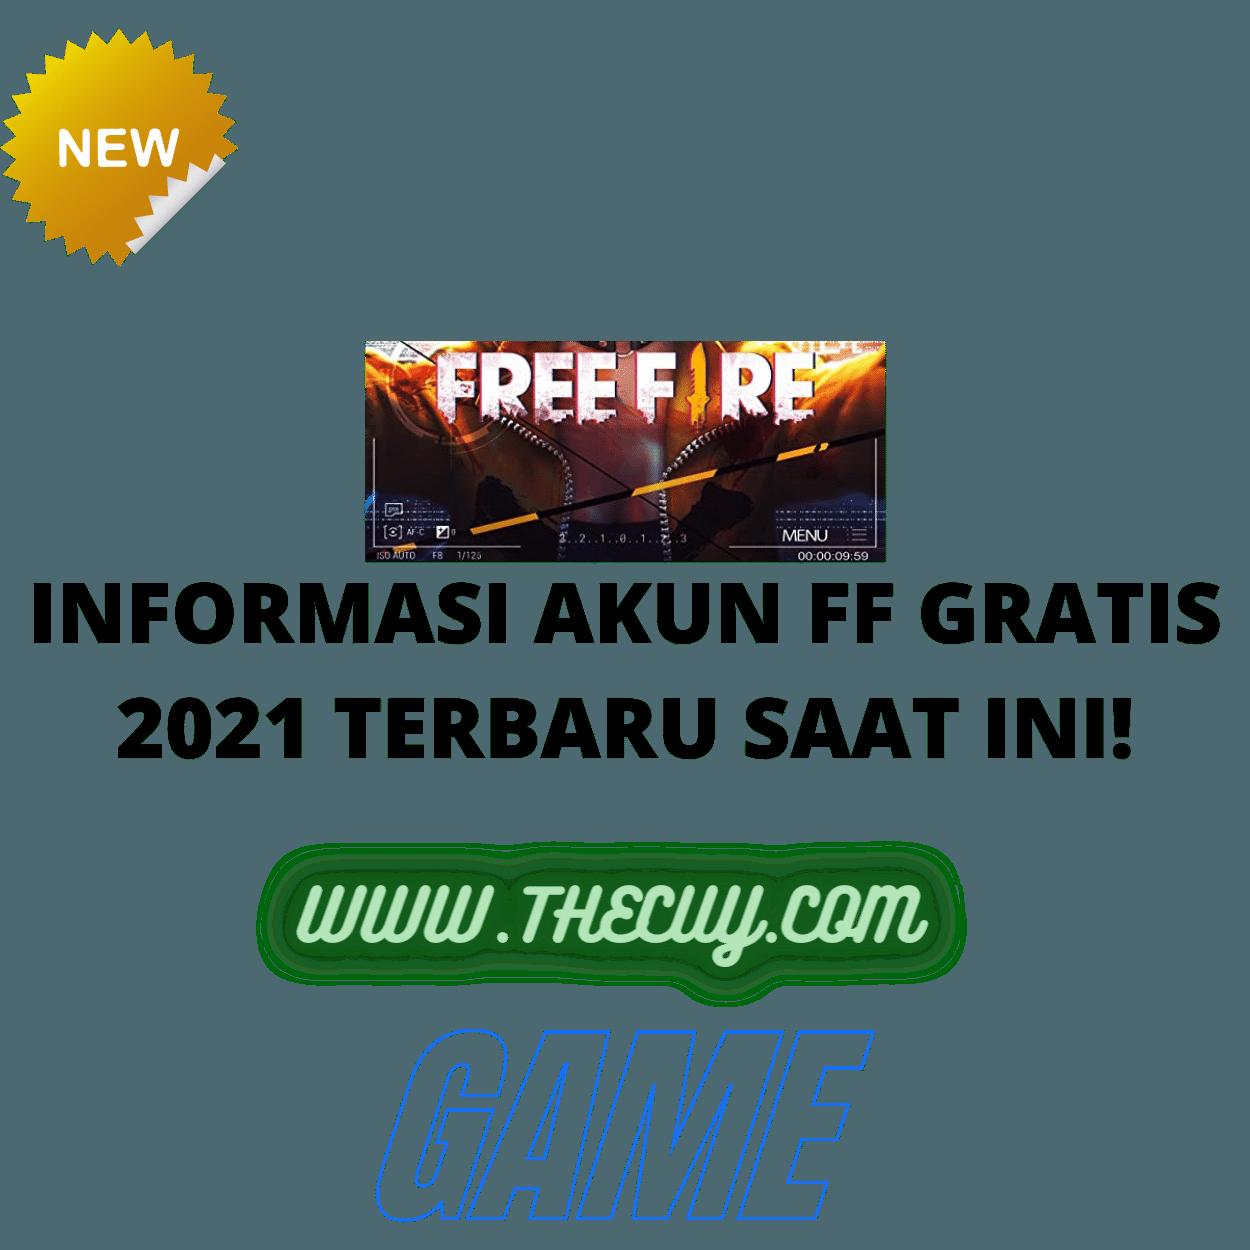 INFORMASI AKUN FF GRATIS 2021 TERBARU SAAT INI!